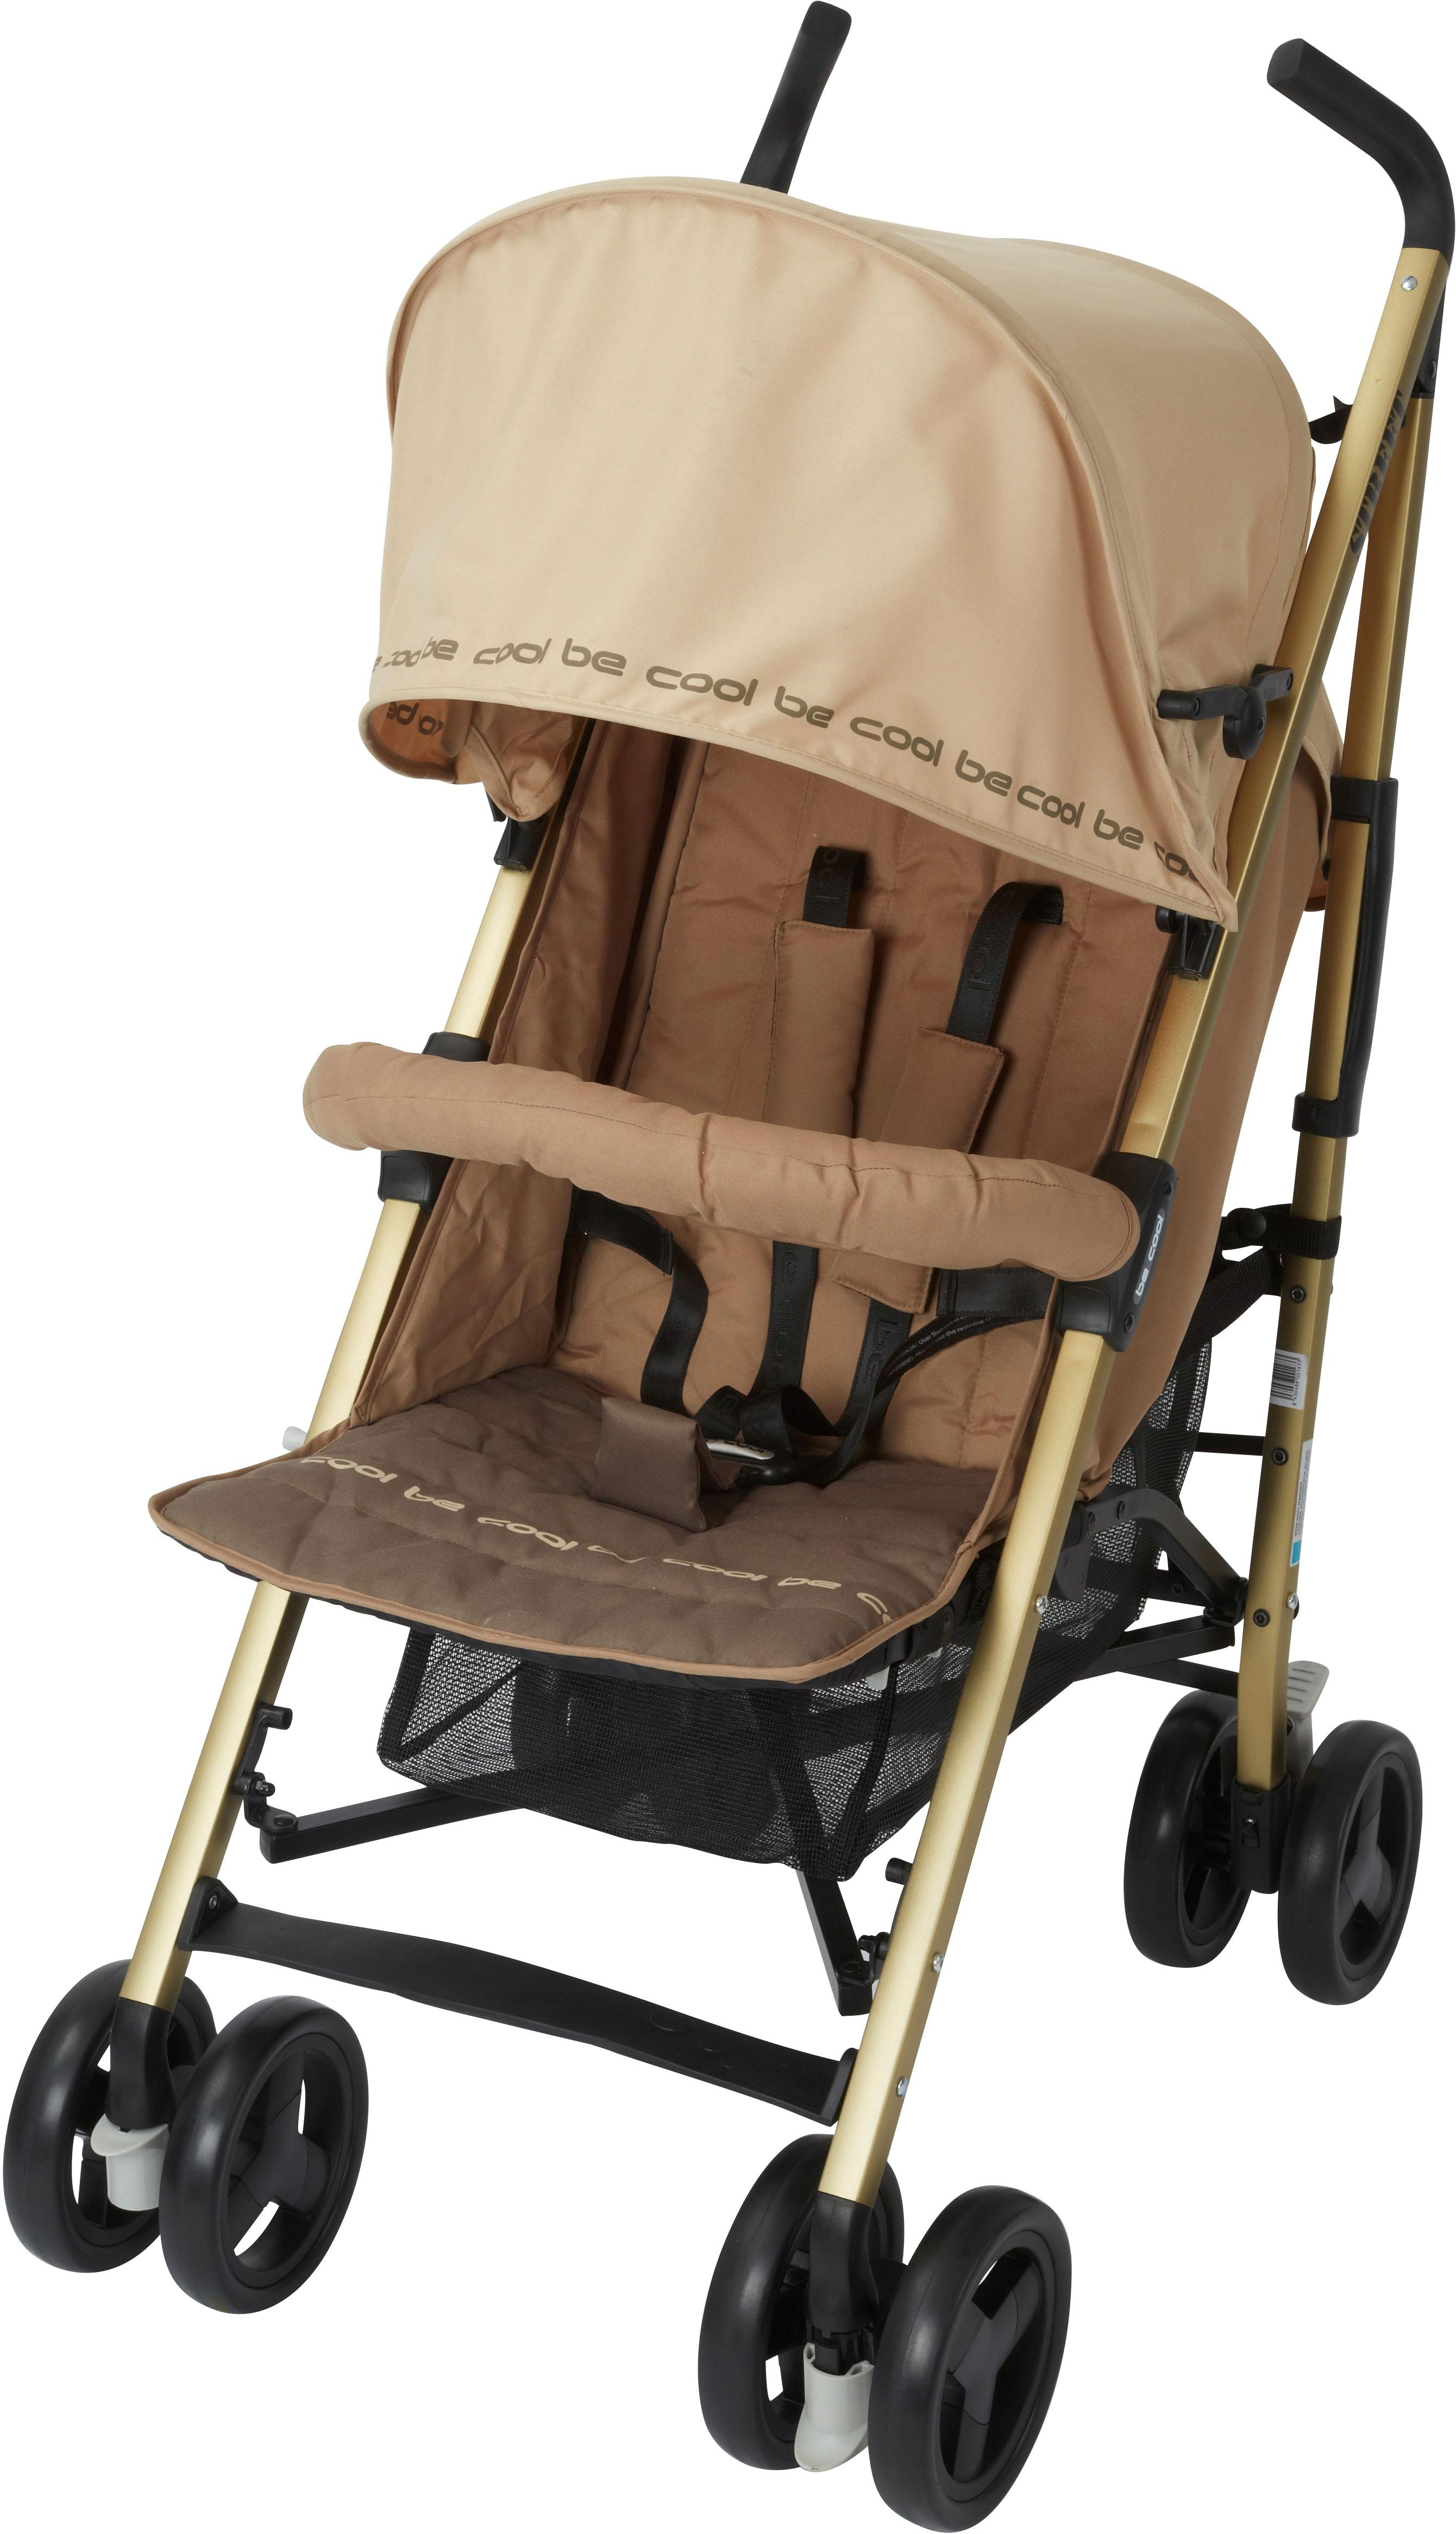 An lisis de be cool street comparador de sillas de paseo ocu - Mejor silla de paseo ocu ...